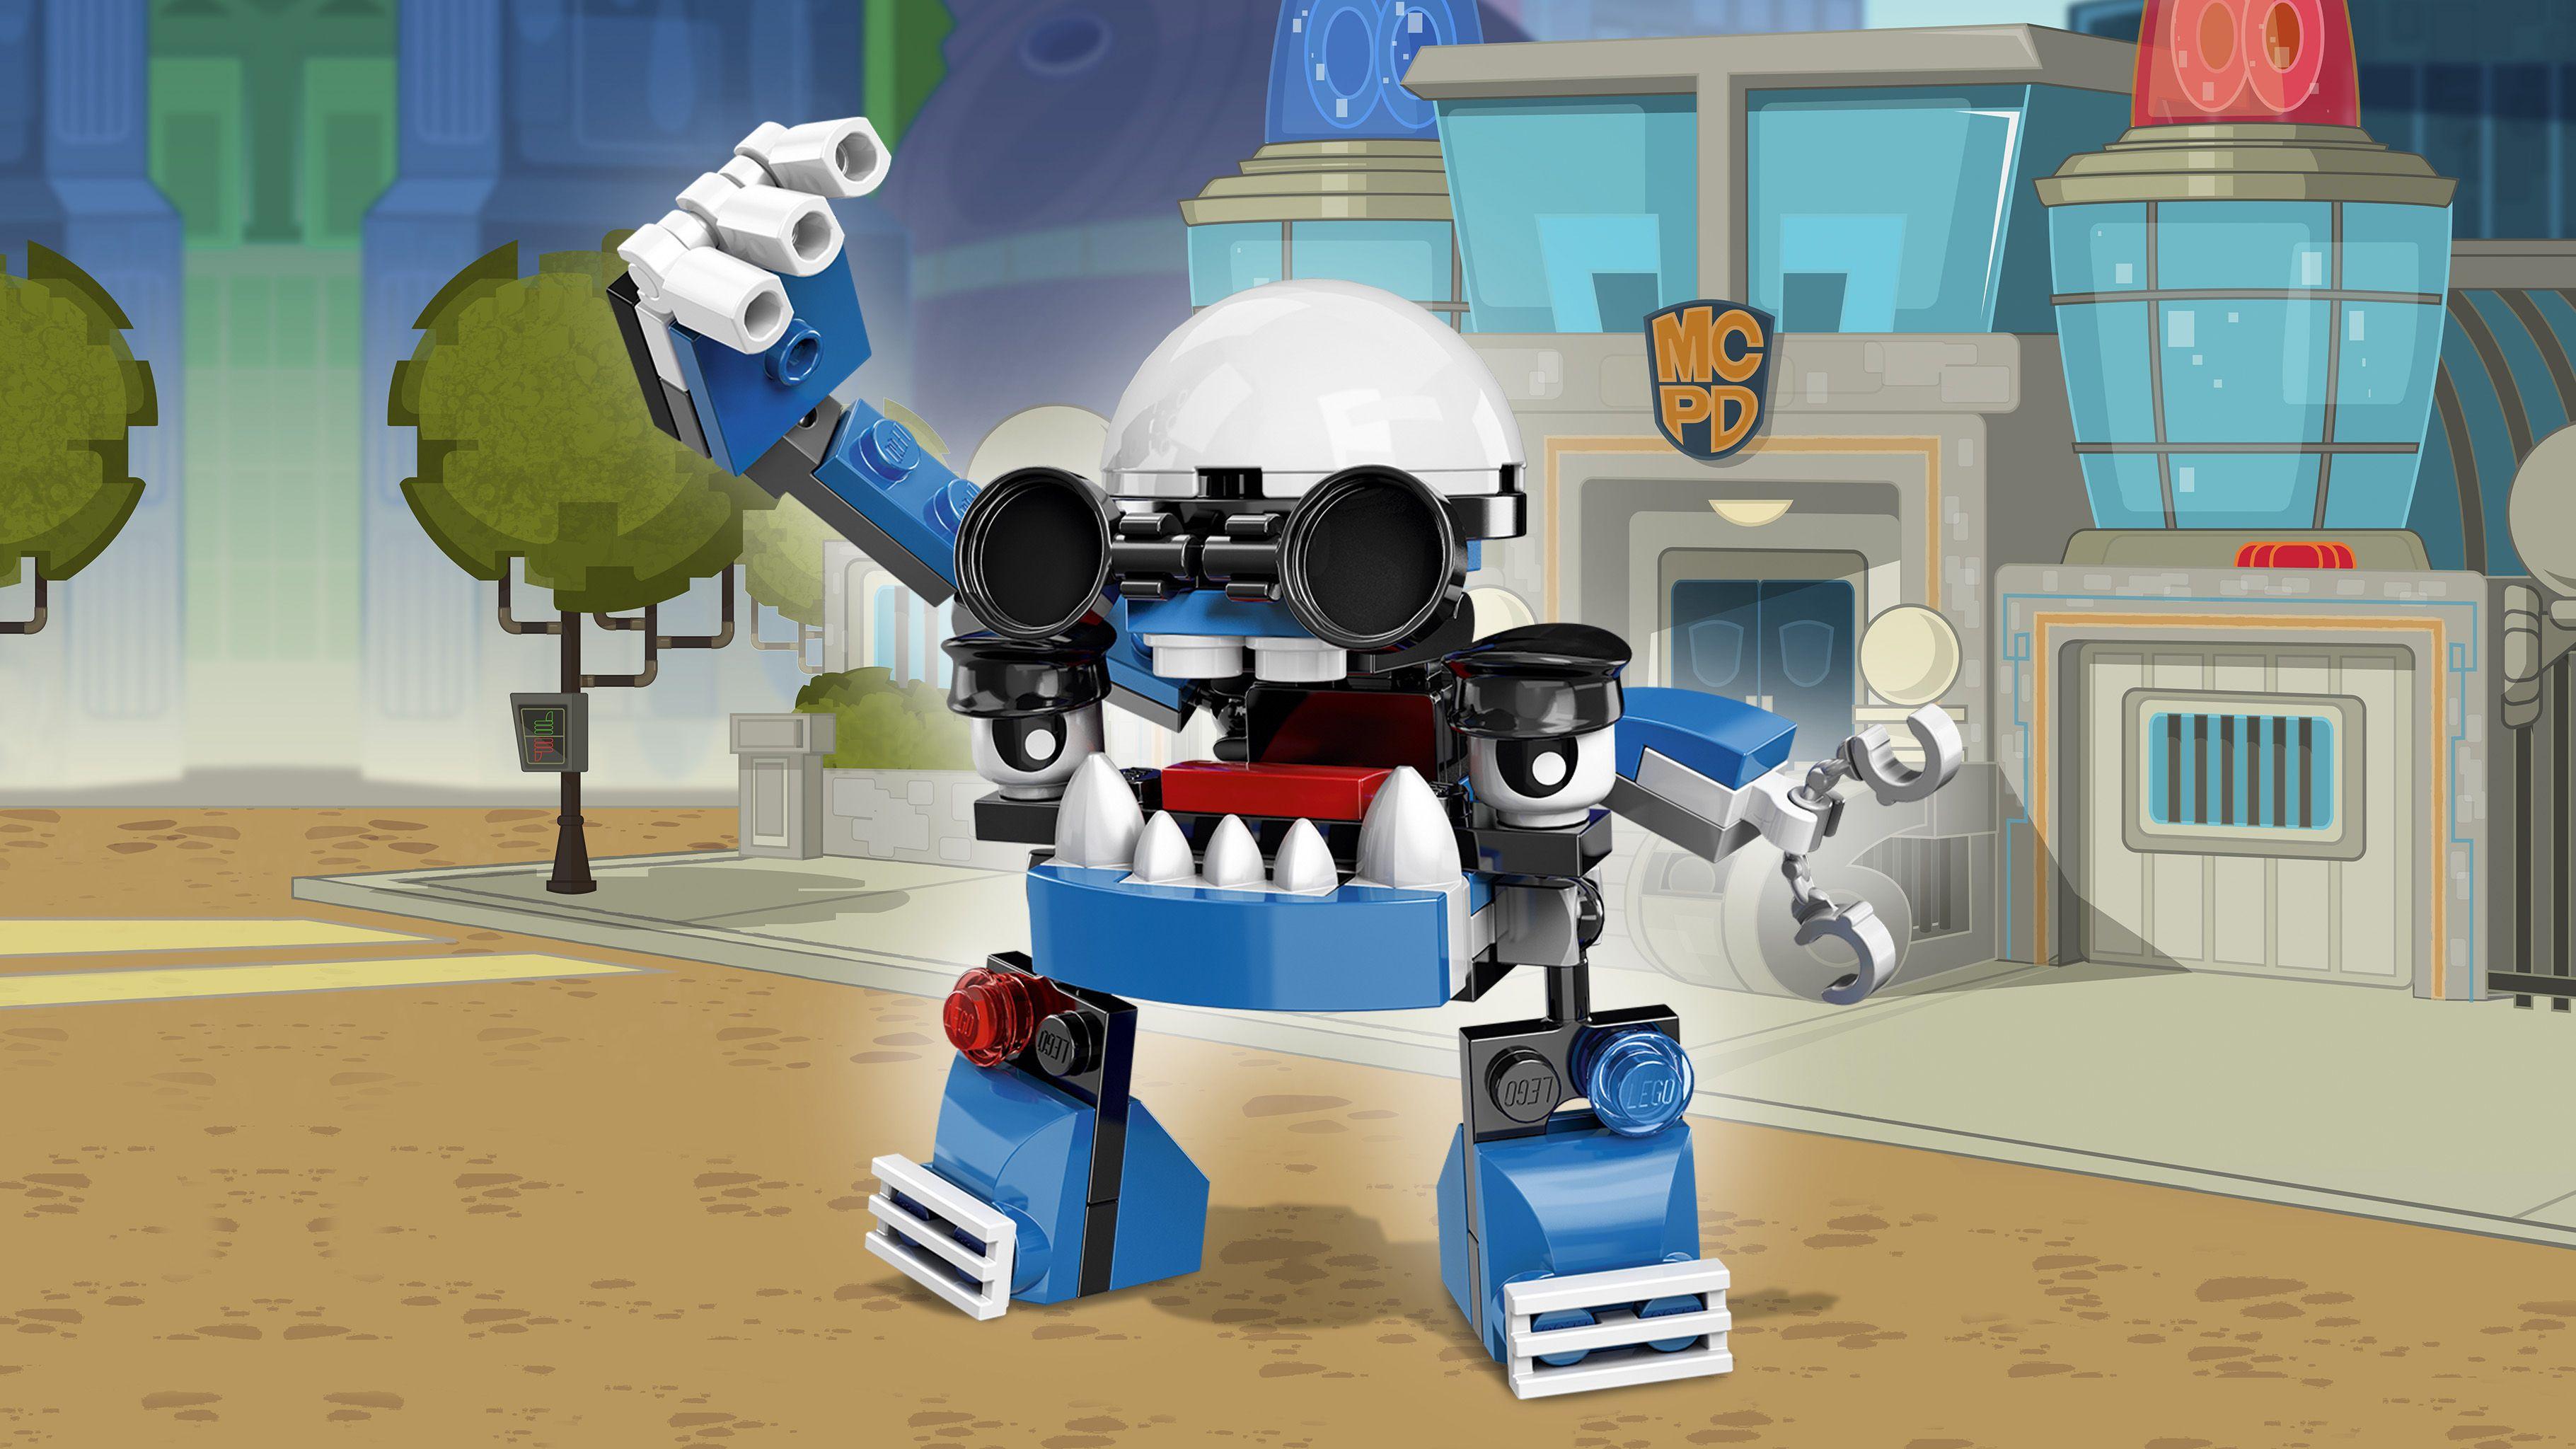 LEGO Mixels 41554 Kuffs Mit dem langen Arm des Gesetzes dieses Mixels kannst du eine rekordverdächtige Anzahl an Verhaftungen vornehmen! In Mixopolis geht es hart zur Sache und Kuffs ist genau der Richtige, um dieser Stadt zu dienen und sie zu beschützen. Dieser engagierte Polizist ist der Spitzencop des MCPD-Stammes. Doch sei gewarnt: Mitunter ist Kuffs etwas übereifrig – und dann nimmt er völlig grundlos alle und jeden fest!